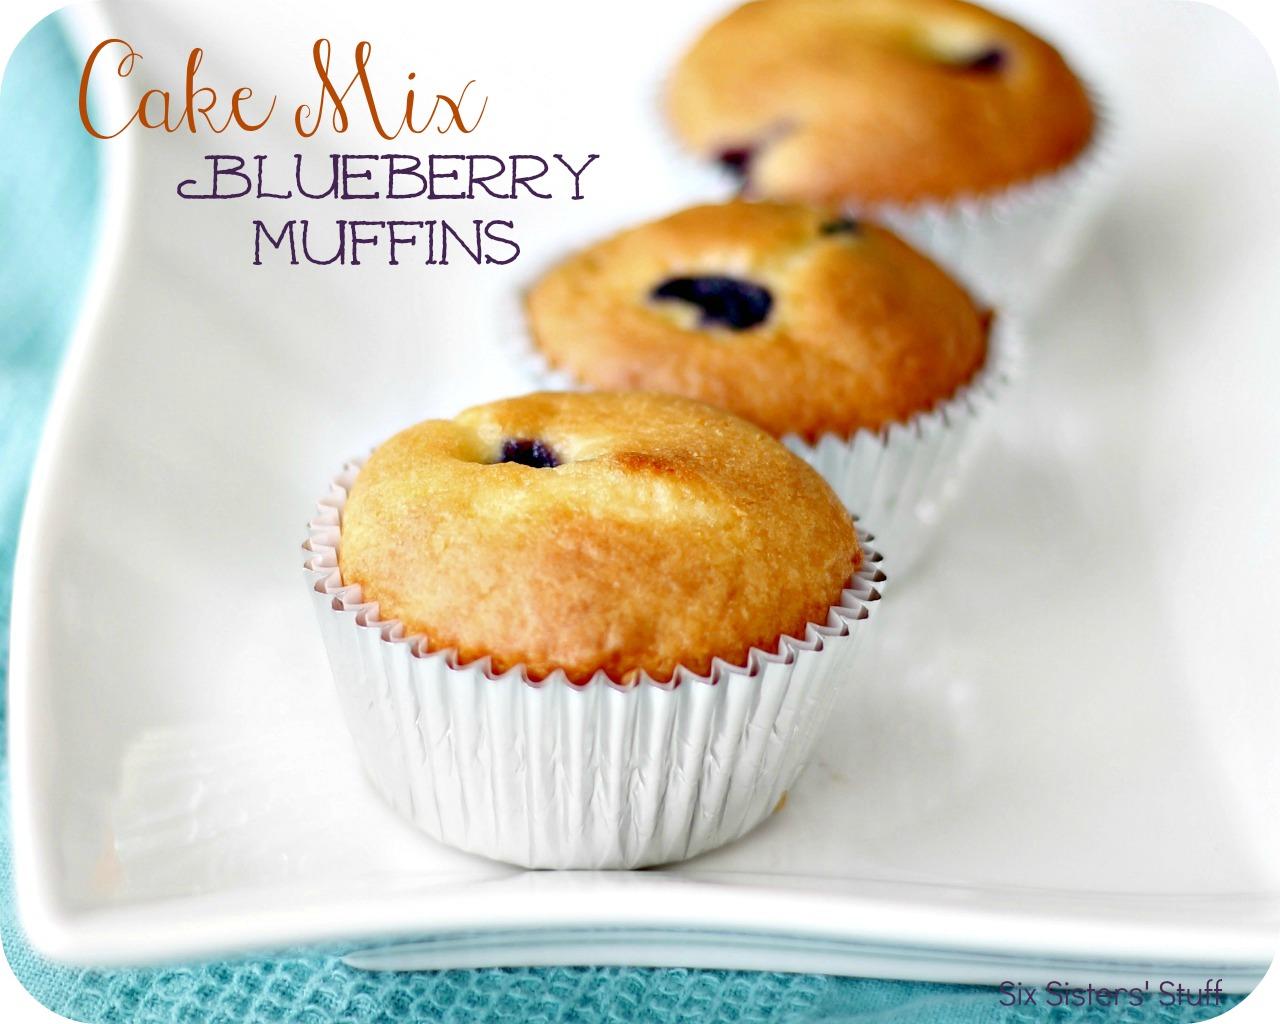 Cake Mix Blueberry Muffins Recipe | Six Sisters' Stuff